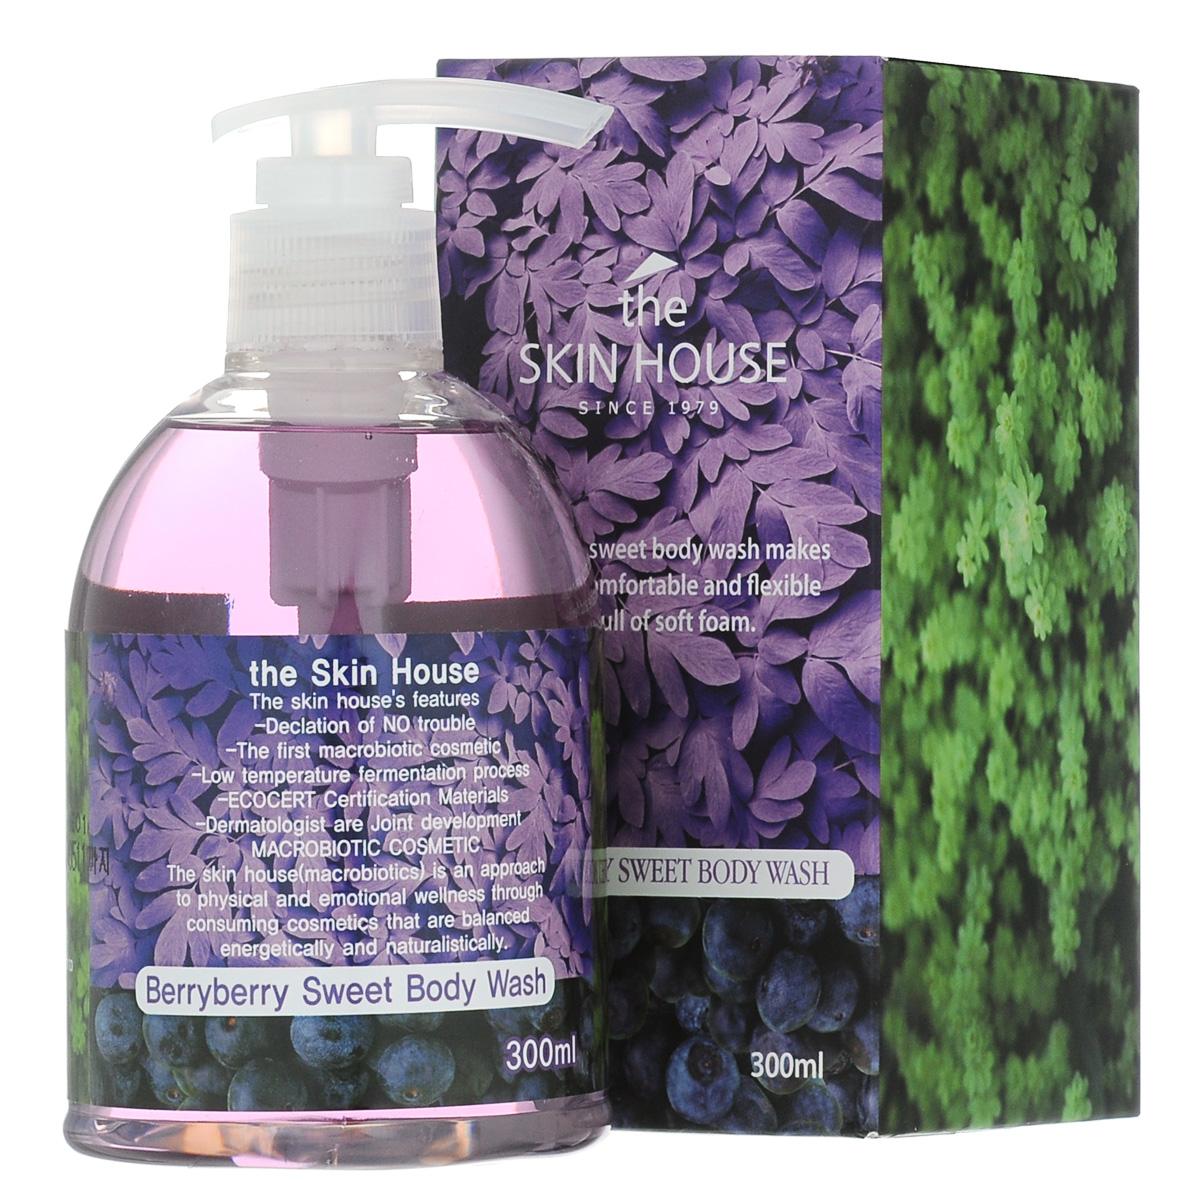 The Skin House Гель для душа с экстрактом ягод, 300 млУТ000001224Гель для душа с ягодами Амазонки и ферментированными экстрактами трав эффективно очищает и ухаживает за кожей. Интенсивно увлажняющий гель для душа содержит натуральные увлажняющие экстракты растительно происхождения из Амазонки. Средство образует густую и пышную пену, которая отшелушивает омертвевшие клетки кожи, удаляет кератин, загрязнения и излишки кожного себума с поверхности кожи. Гель для душа смягчает и питает кожу, ягоды Асаи в составе средства оказывают антиоксидантный эффект, защищая клеикт кожи от преждевременносго старения.